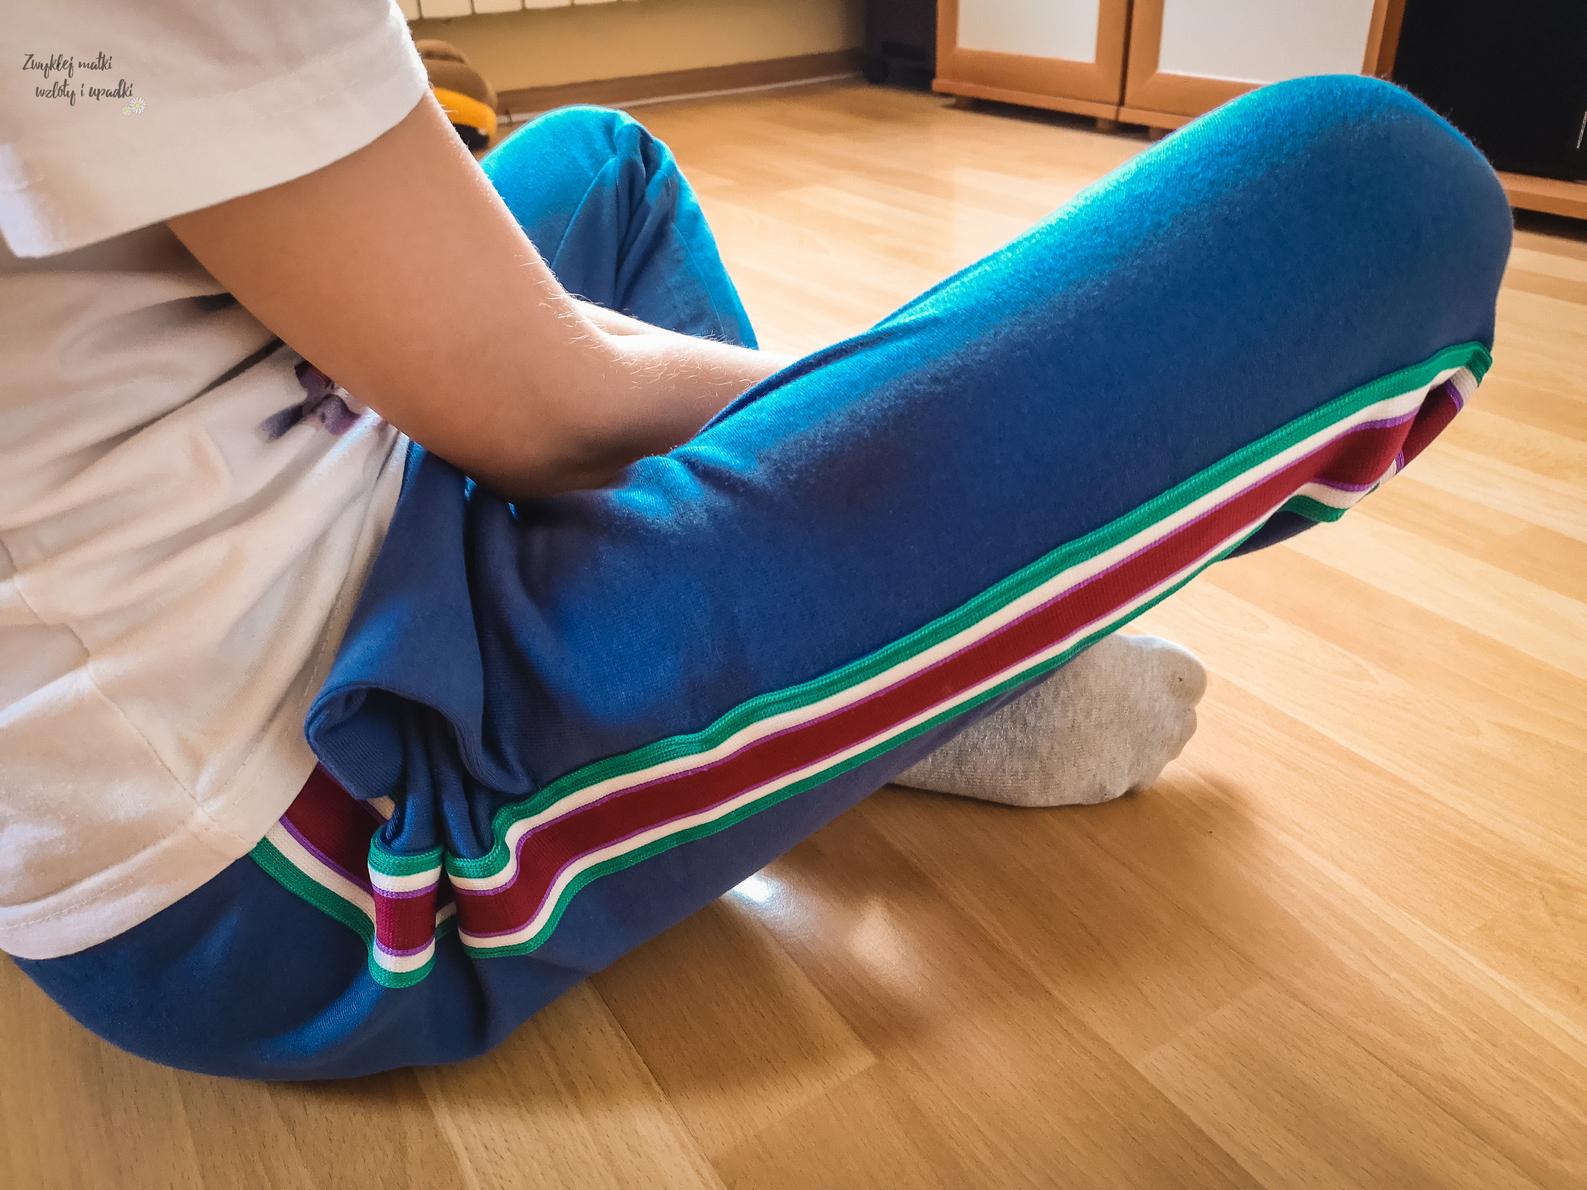 Tegoroczne trendy modowe dla dzieci, spodnie z Bonprix